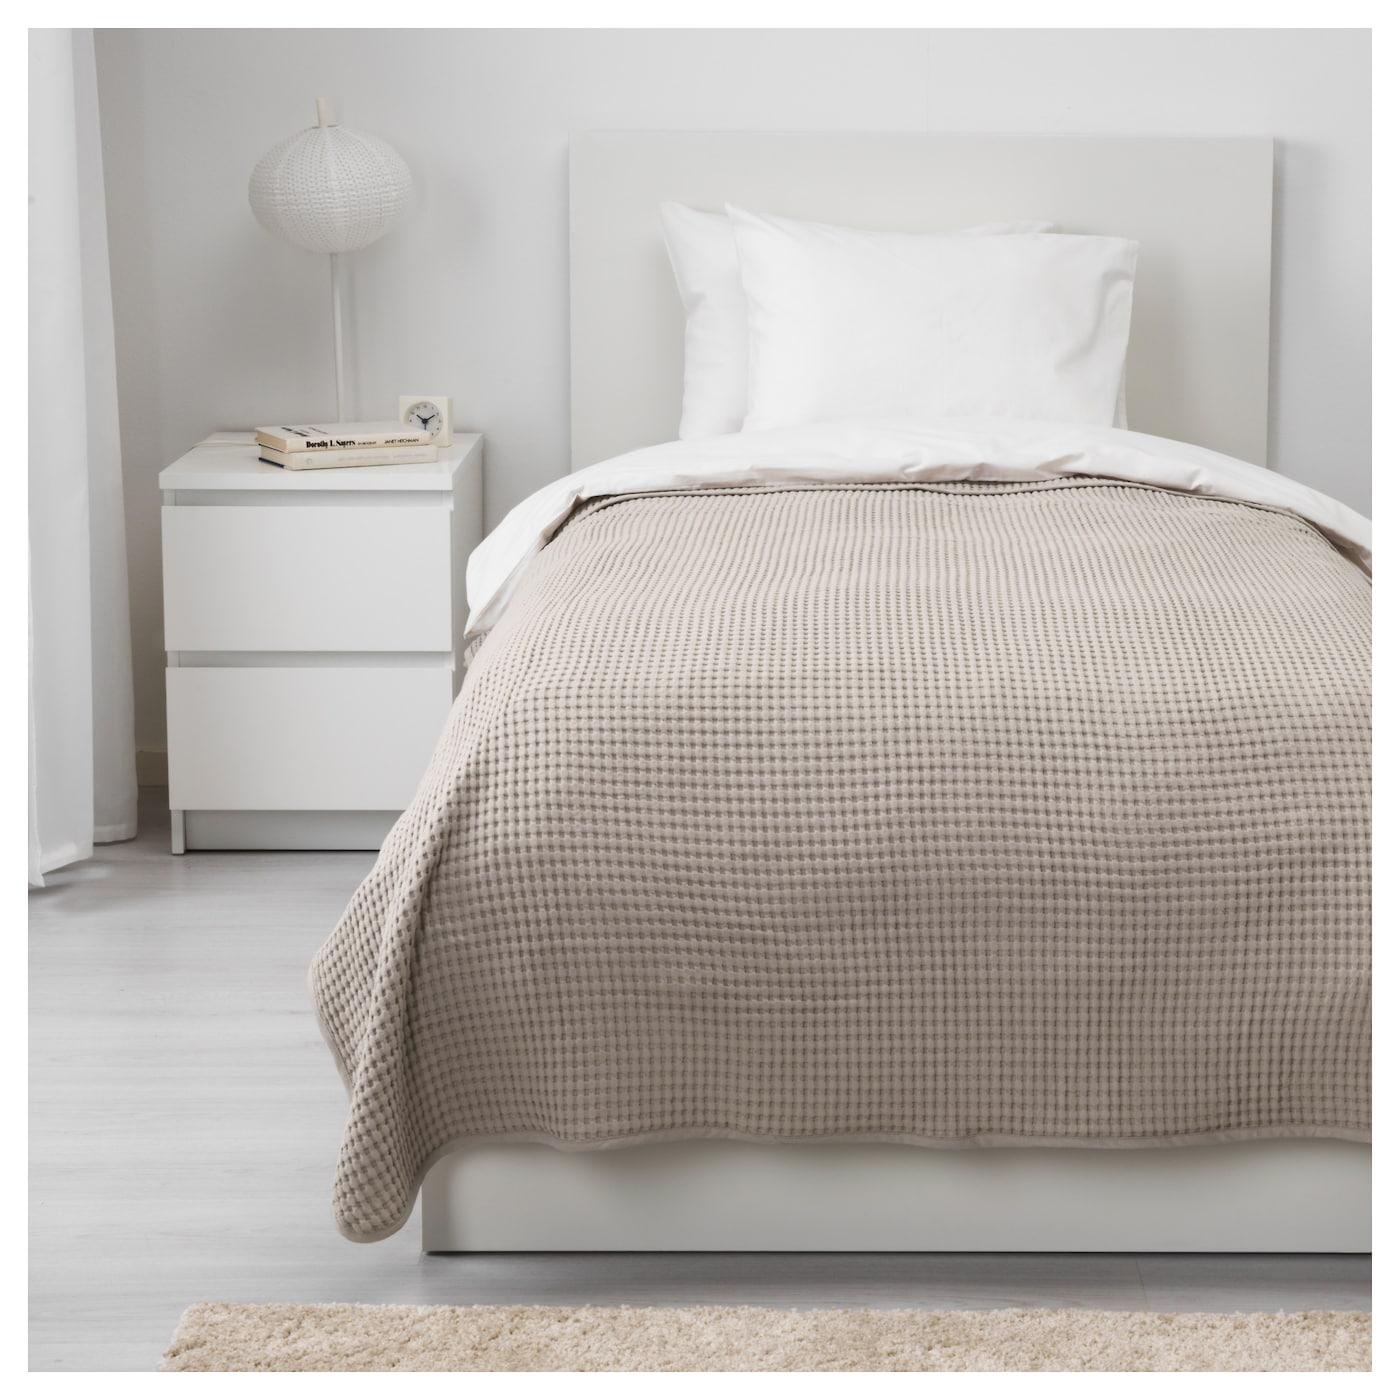 v reld couvre lit beige 150x250 cm ikea. Black Bedroom Furniture Sets. Home Design Ideas